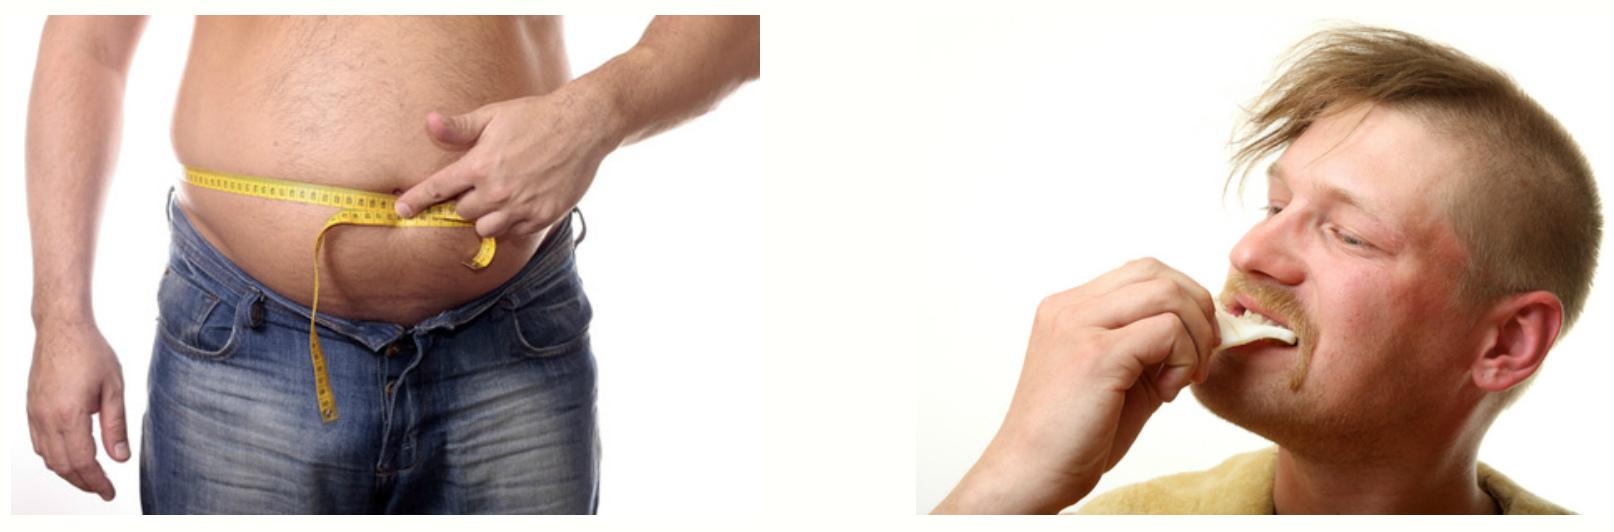 Сало способствует набору лишнего веса